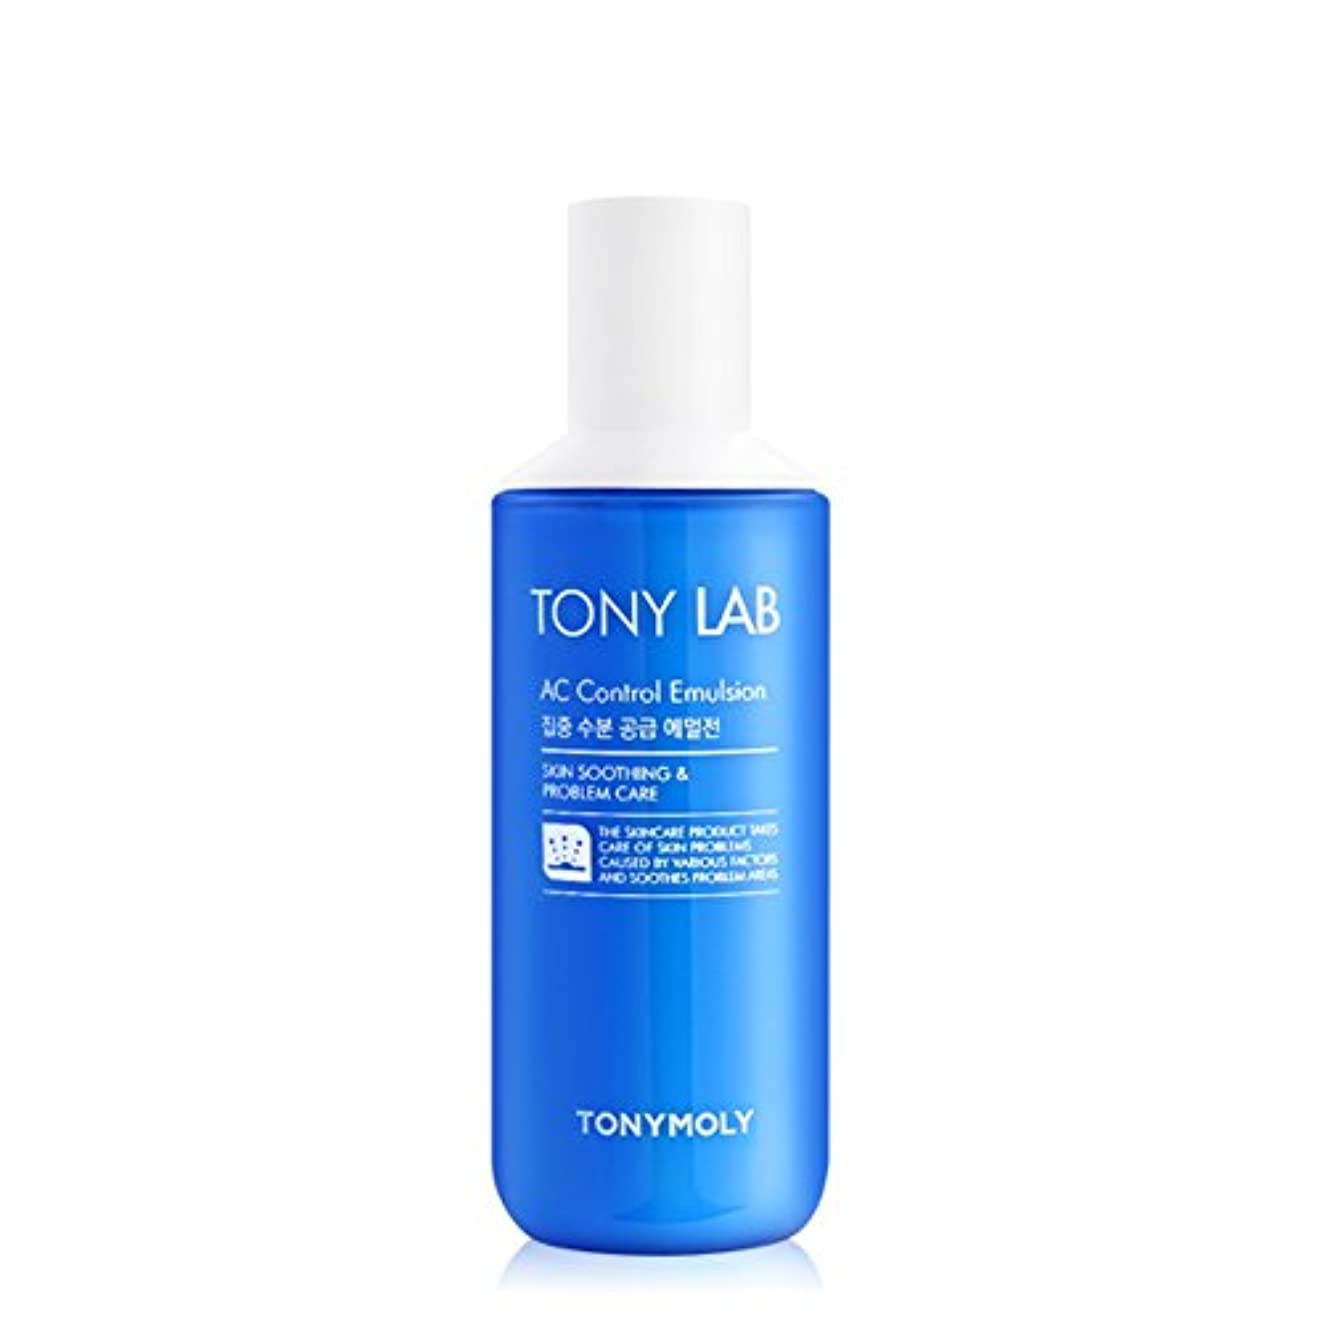 泣いている痴漢自己尊重[2016 New] TONYMOLY Tony Lab AC Control Emulsion 160ml/トニーモリー トニー ラボ AC コントロール エマルジョン 160ml